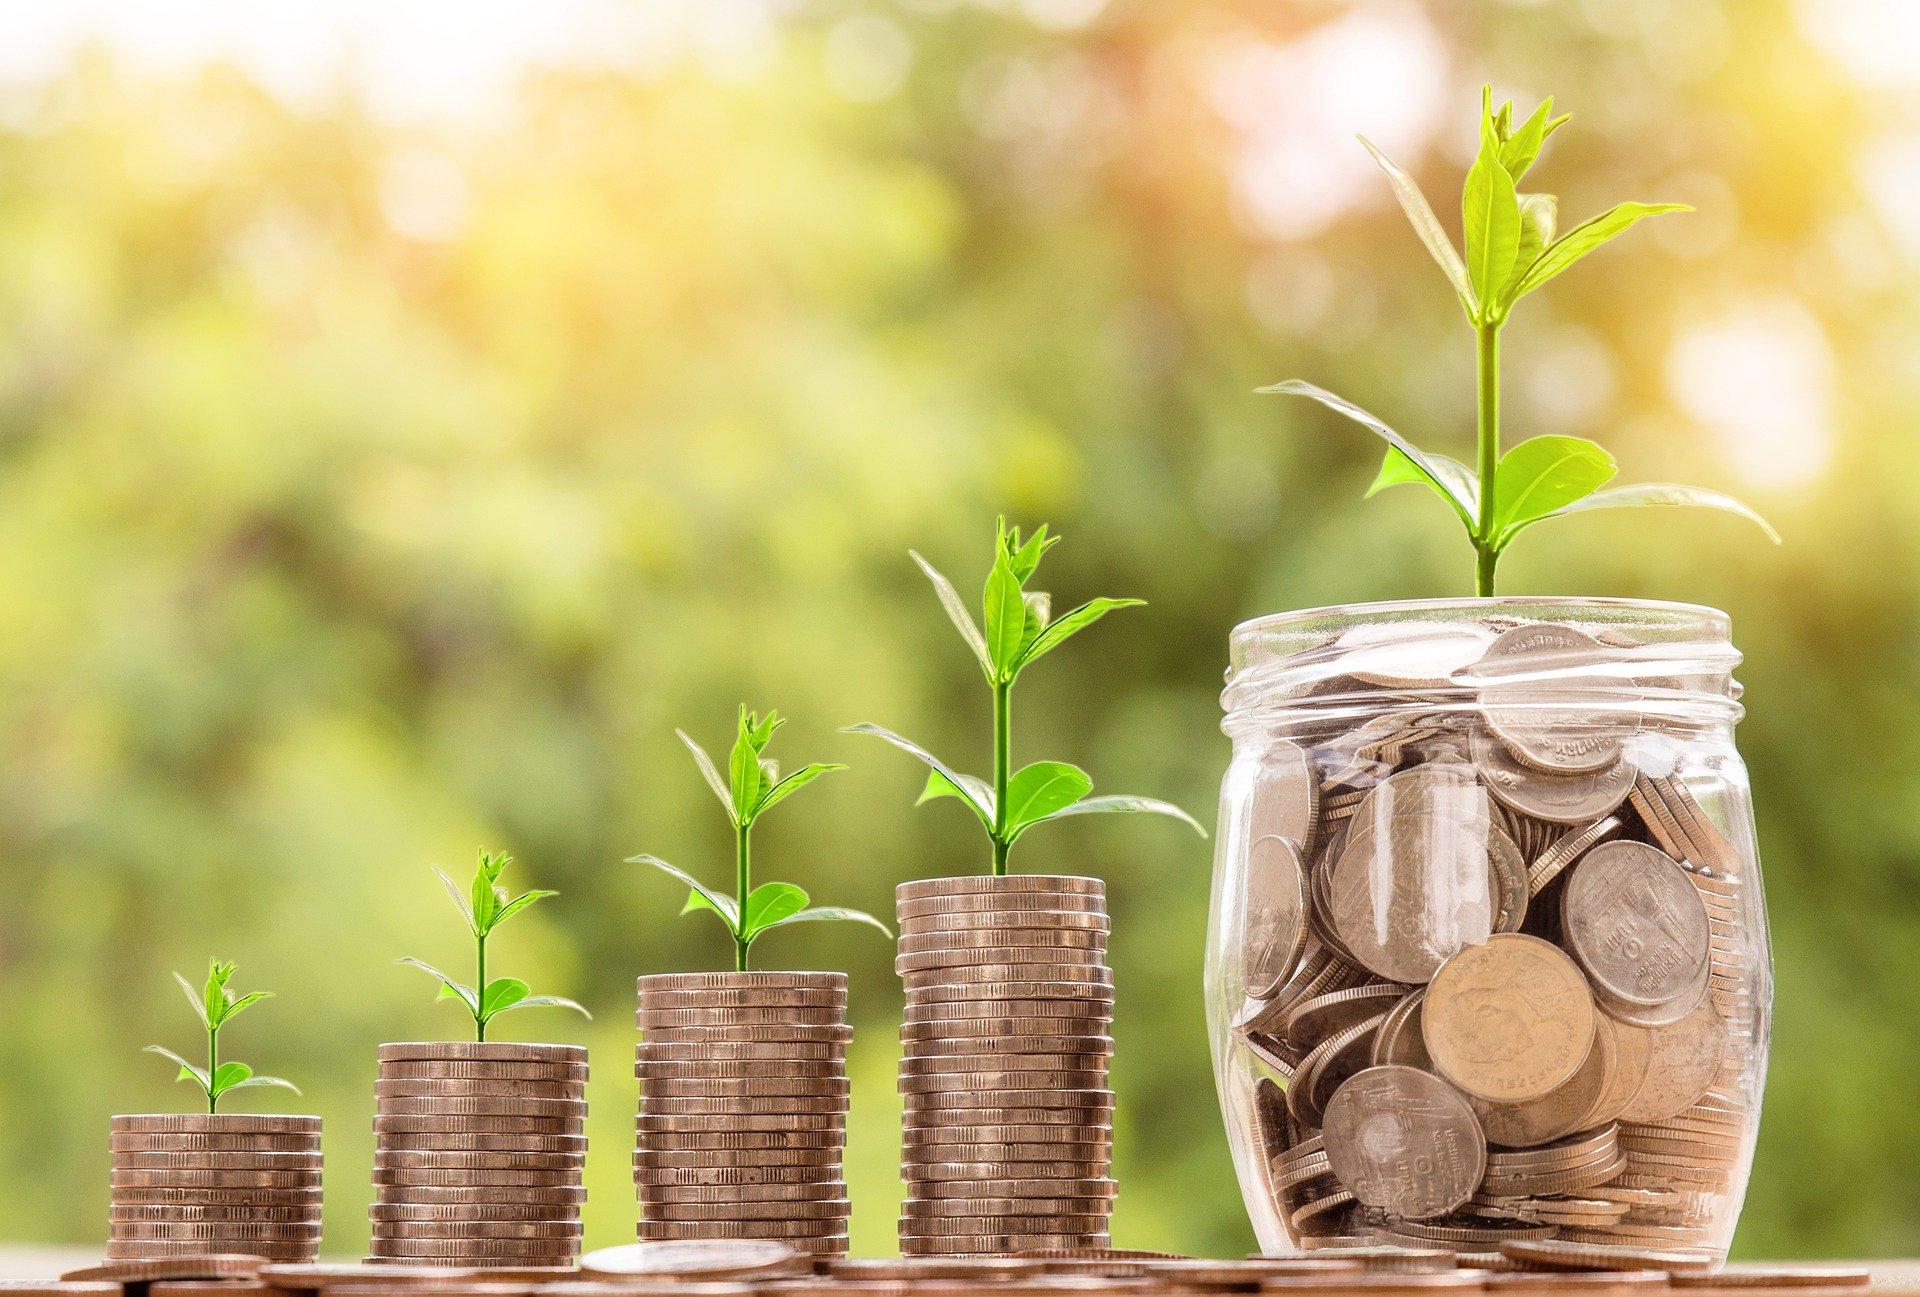 ייעוץ משכנתאות – הכירו את ההבדלים בין יועץ משכנתאות בנקאי לבין יועץ משכנתאות פרטי